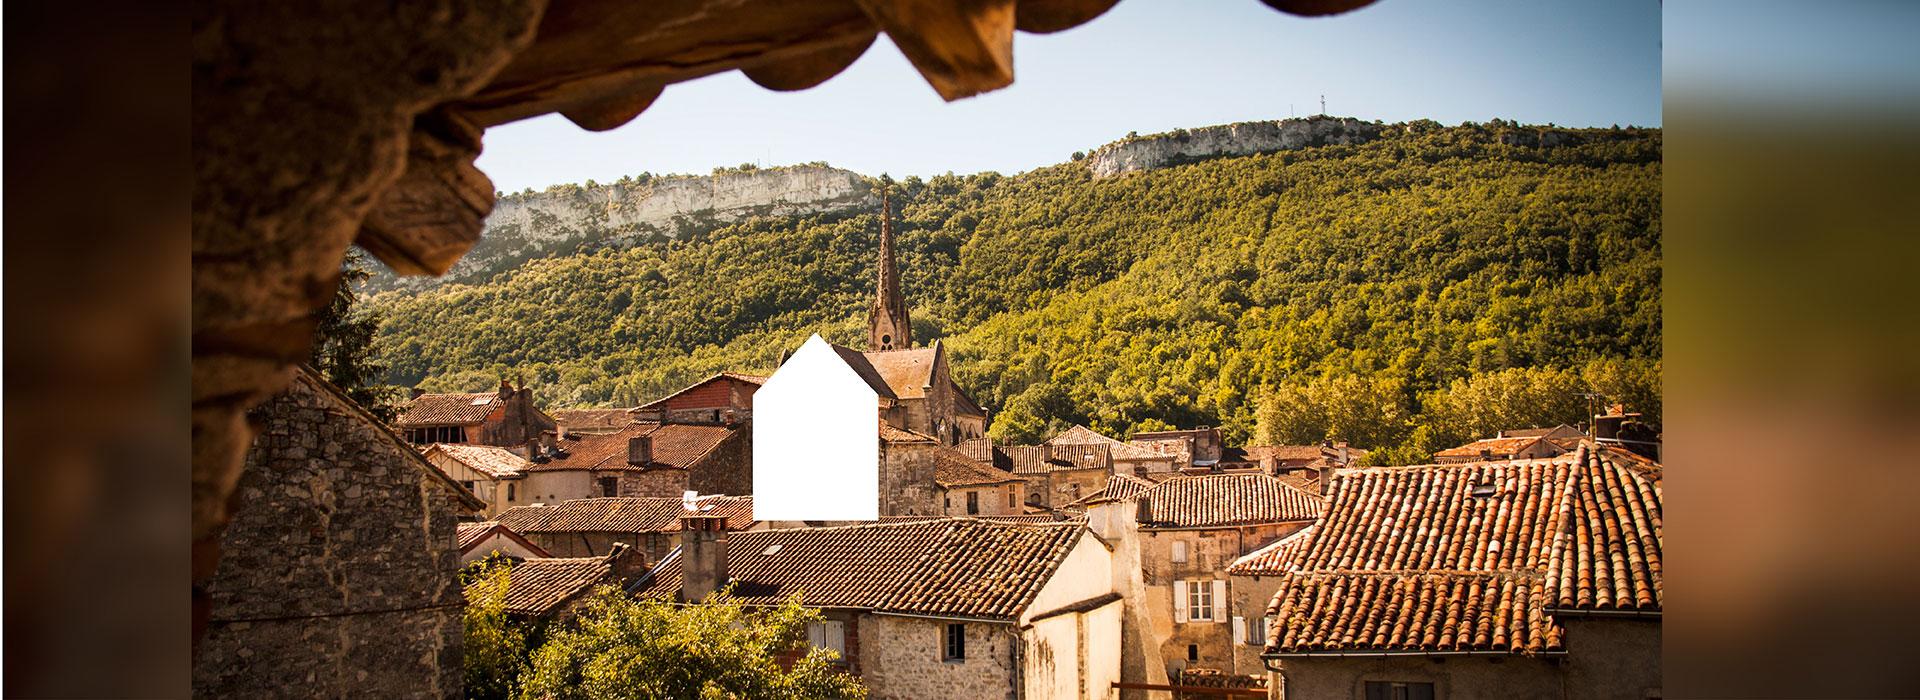 Borgo campagna